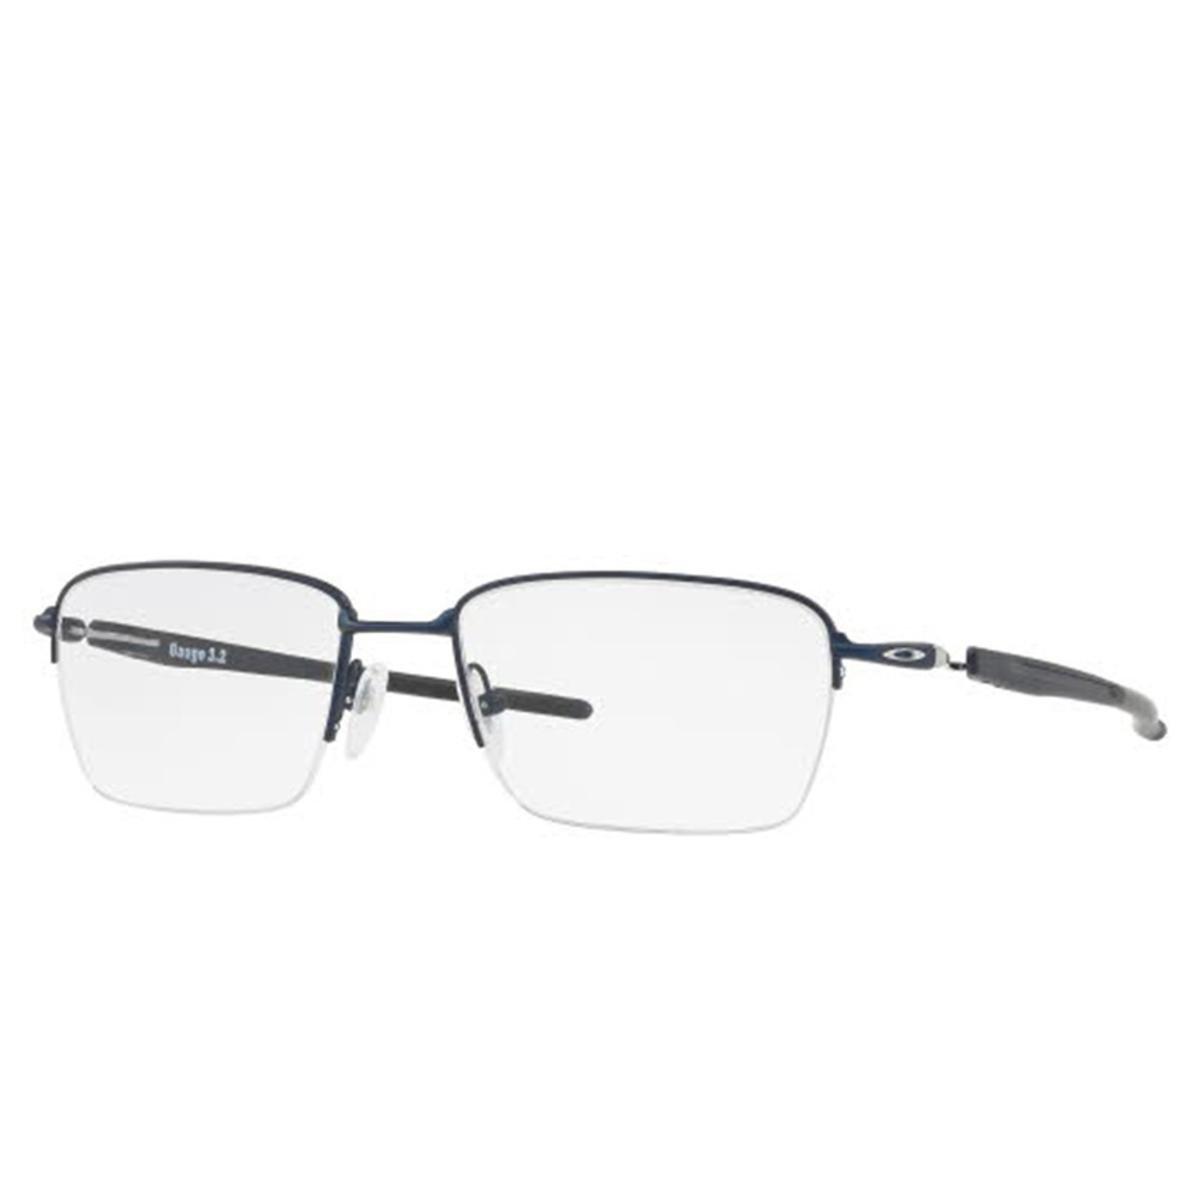 461b5792fecc0 Óculos Oakley de Grau Gauge 3.2 Blade Masculino - Preto - Compre ...